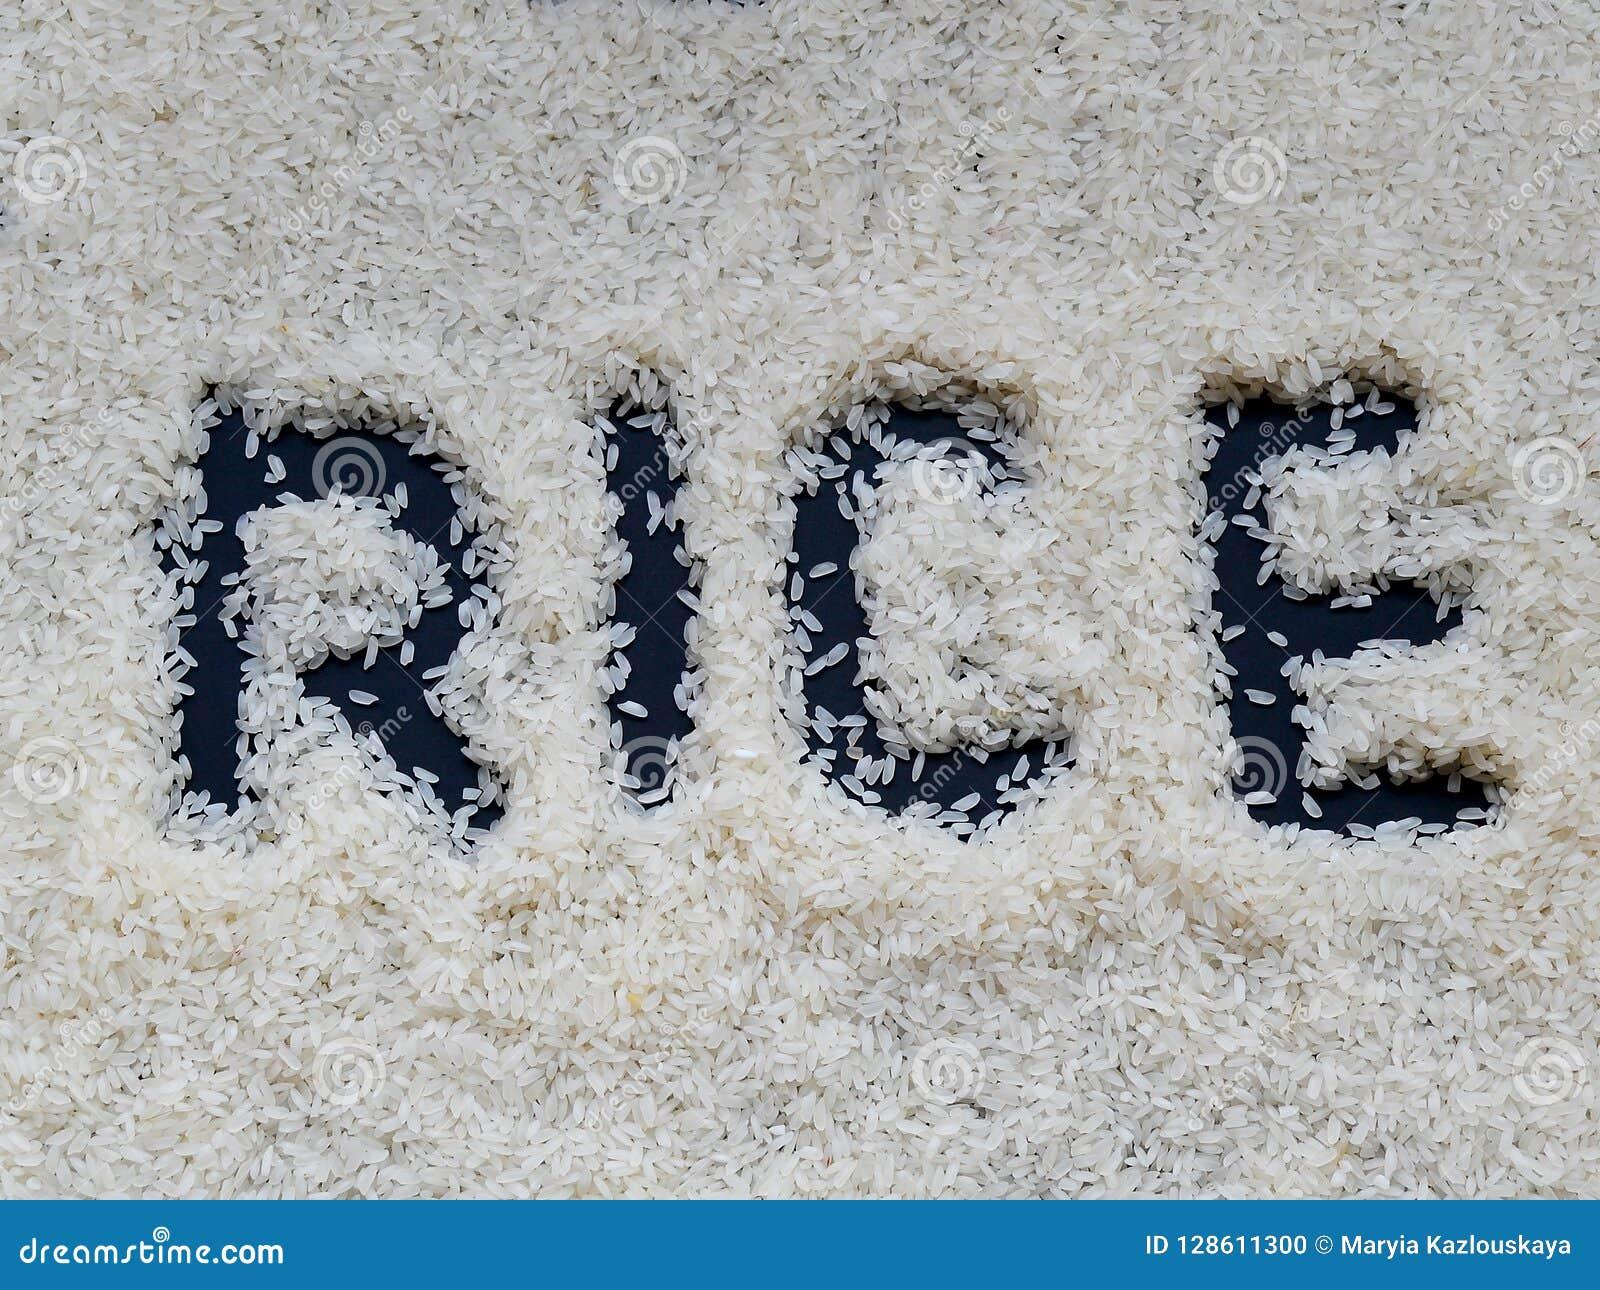 ` Риса ` слова написанное с пальцем на слое белого сырцового риса лежа на темной предпосылке